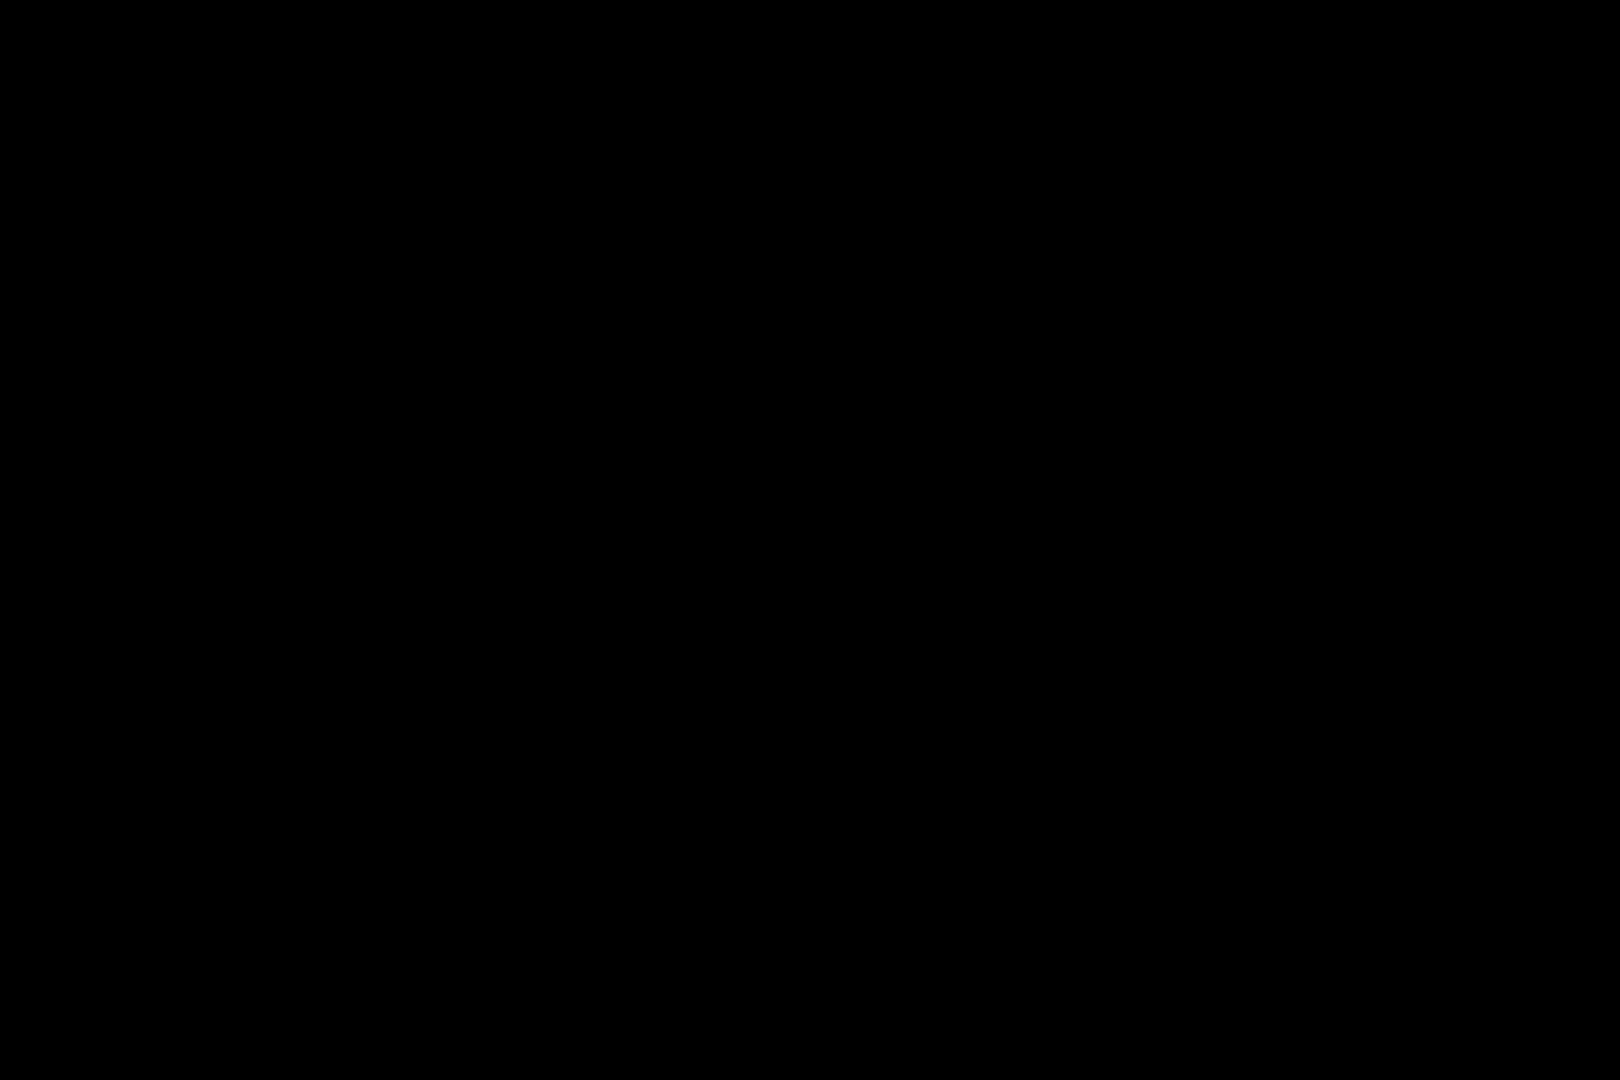 ショートカットのお姉さんは性欲旺盛~藤あいこ~ ローター 盗み撮り動画 73pic 39